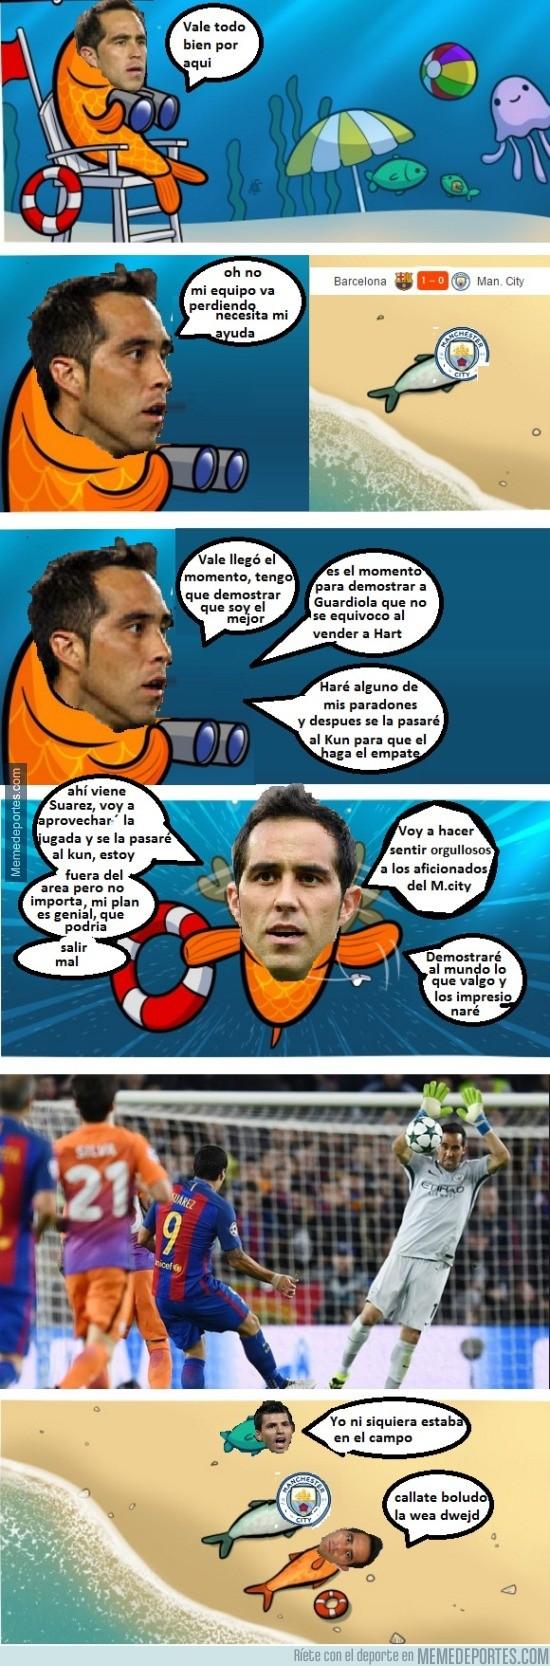 918083 - Resumen de la expulsion de Bravo frente al Barça